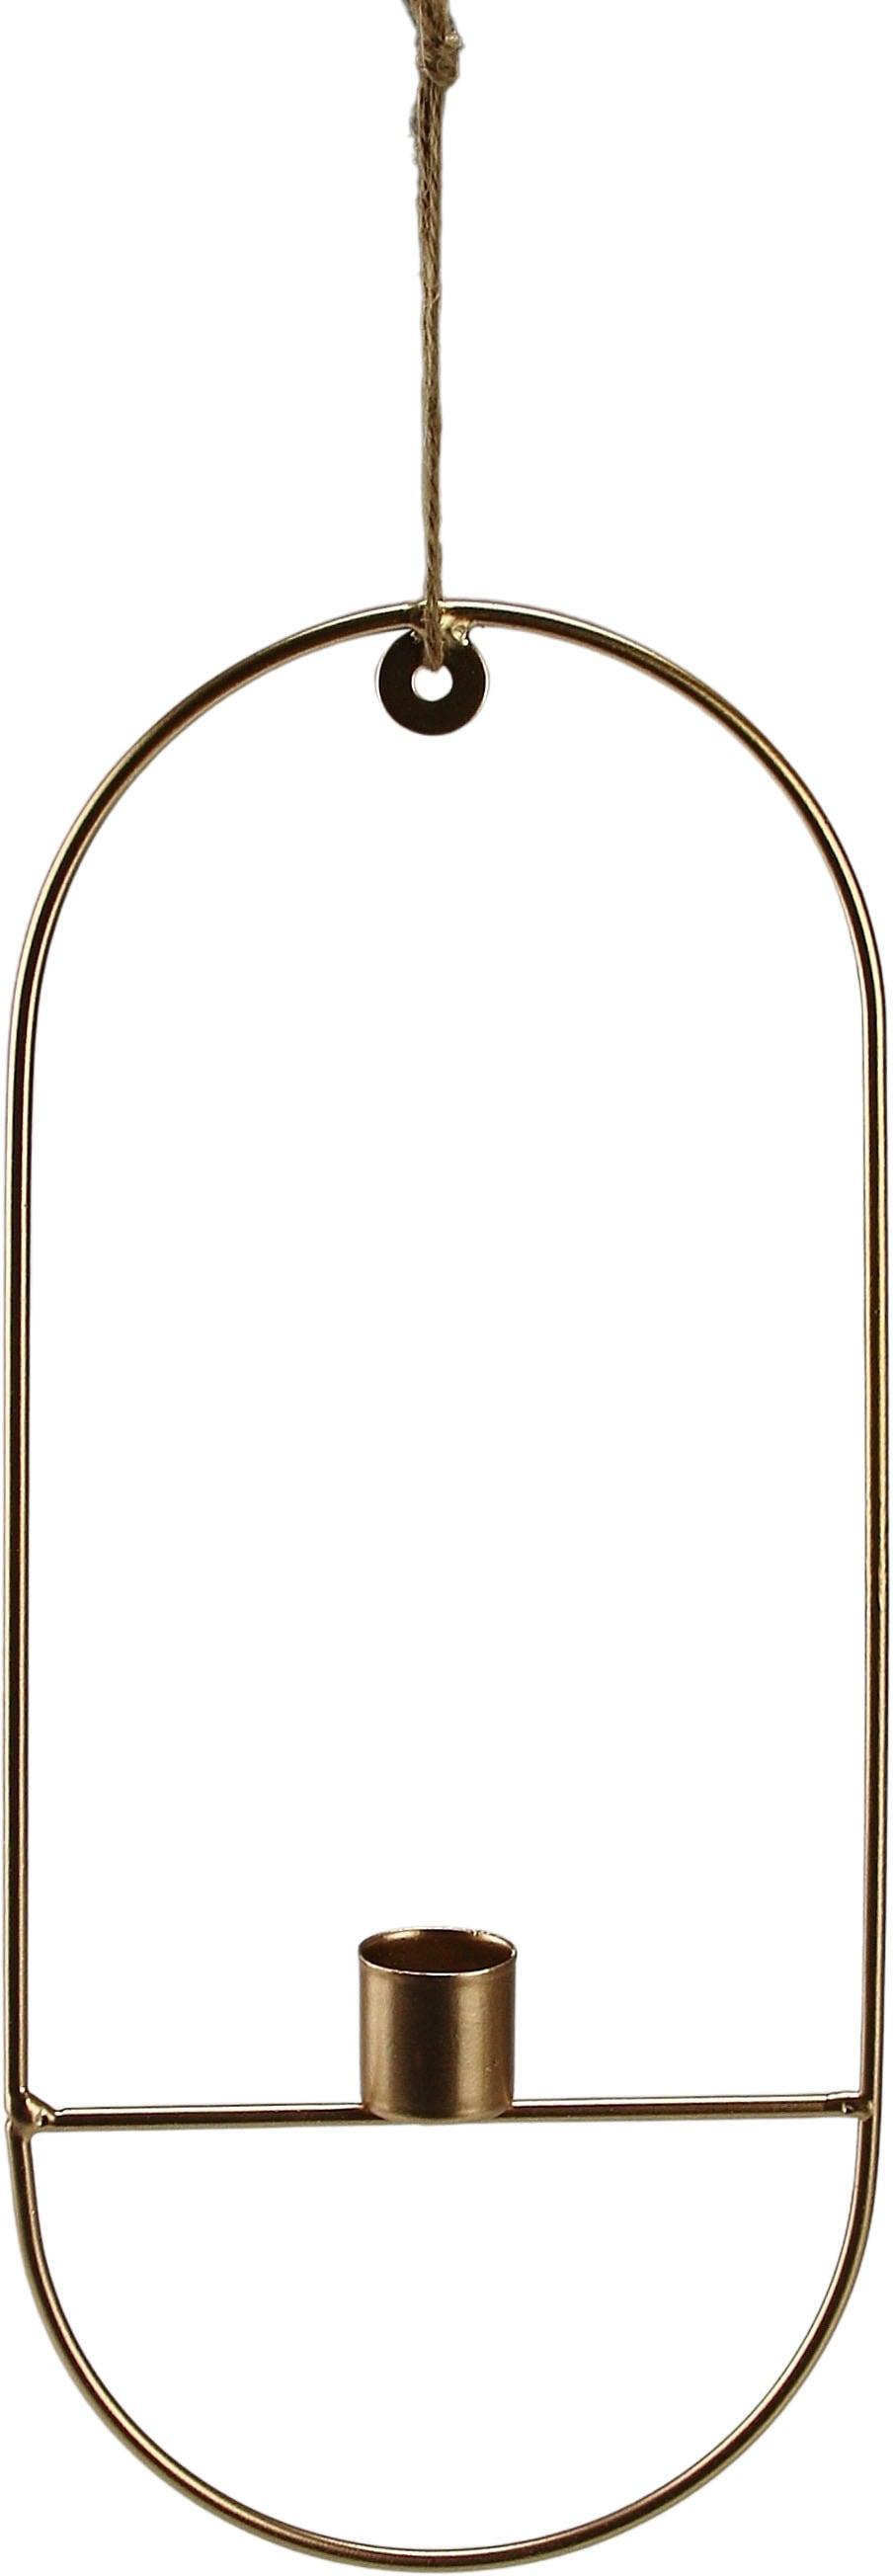 AM Design Kerzenhalter, aus Metall, Höhe ca. 31,5 cm goldfarben Kerzenhalter Kerzen Laternen Wohnaccessoires